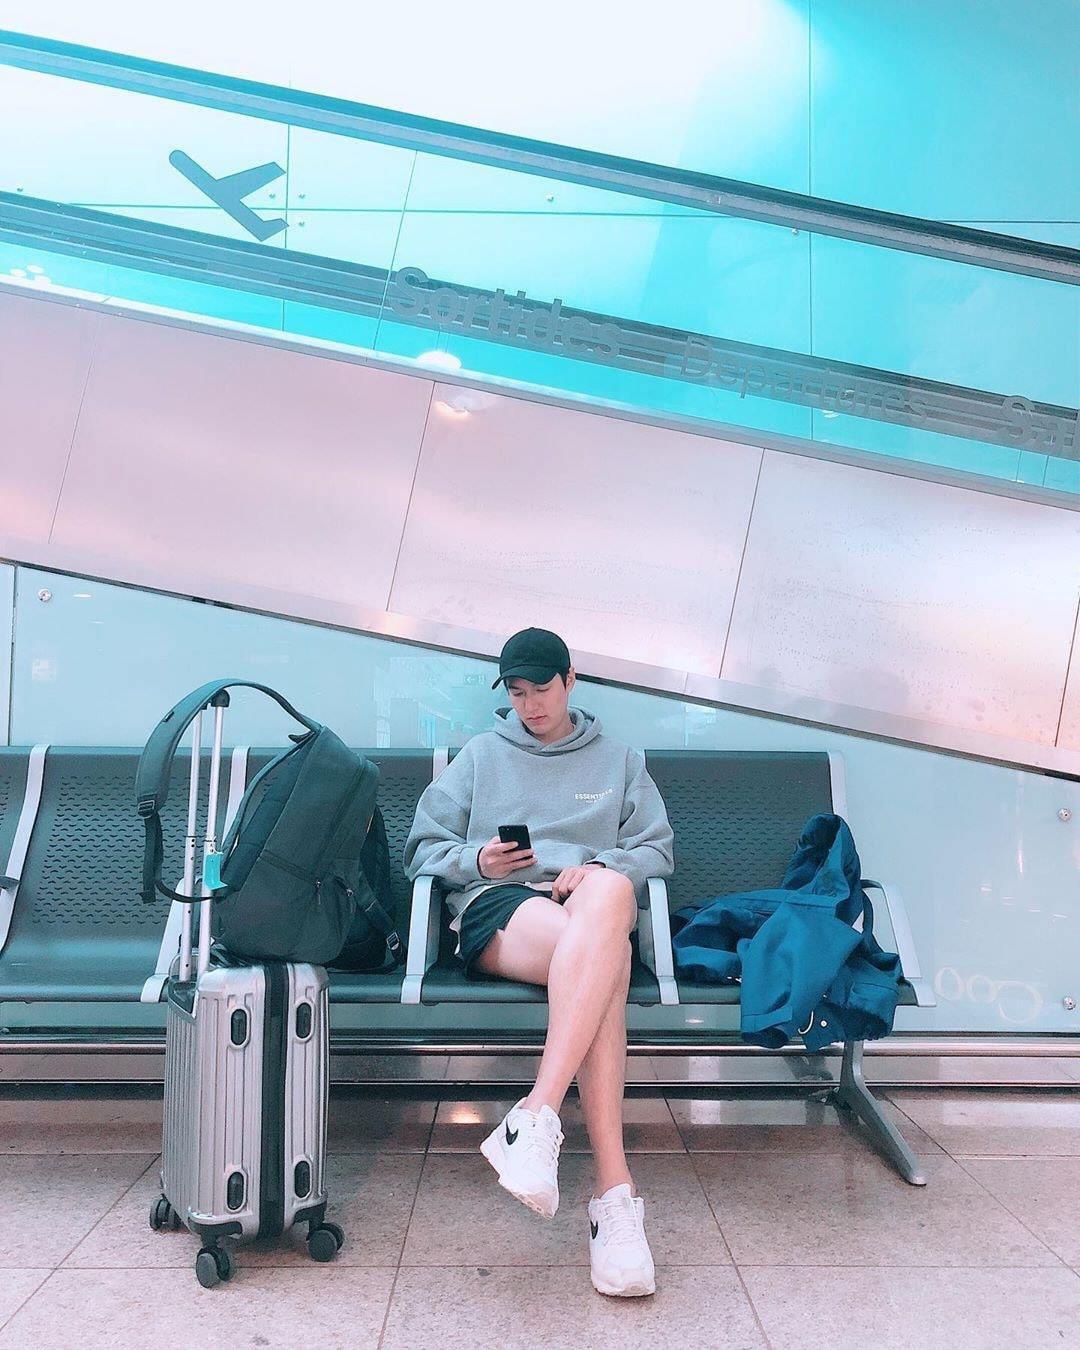 Lee Min Ho đẹp không chừa phần ai: Chân con trai mà trắng, thon và dài đến nỗi khiến chị em cũng phải ghen tỵ